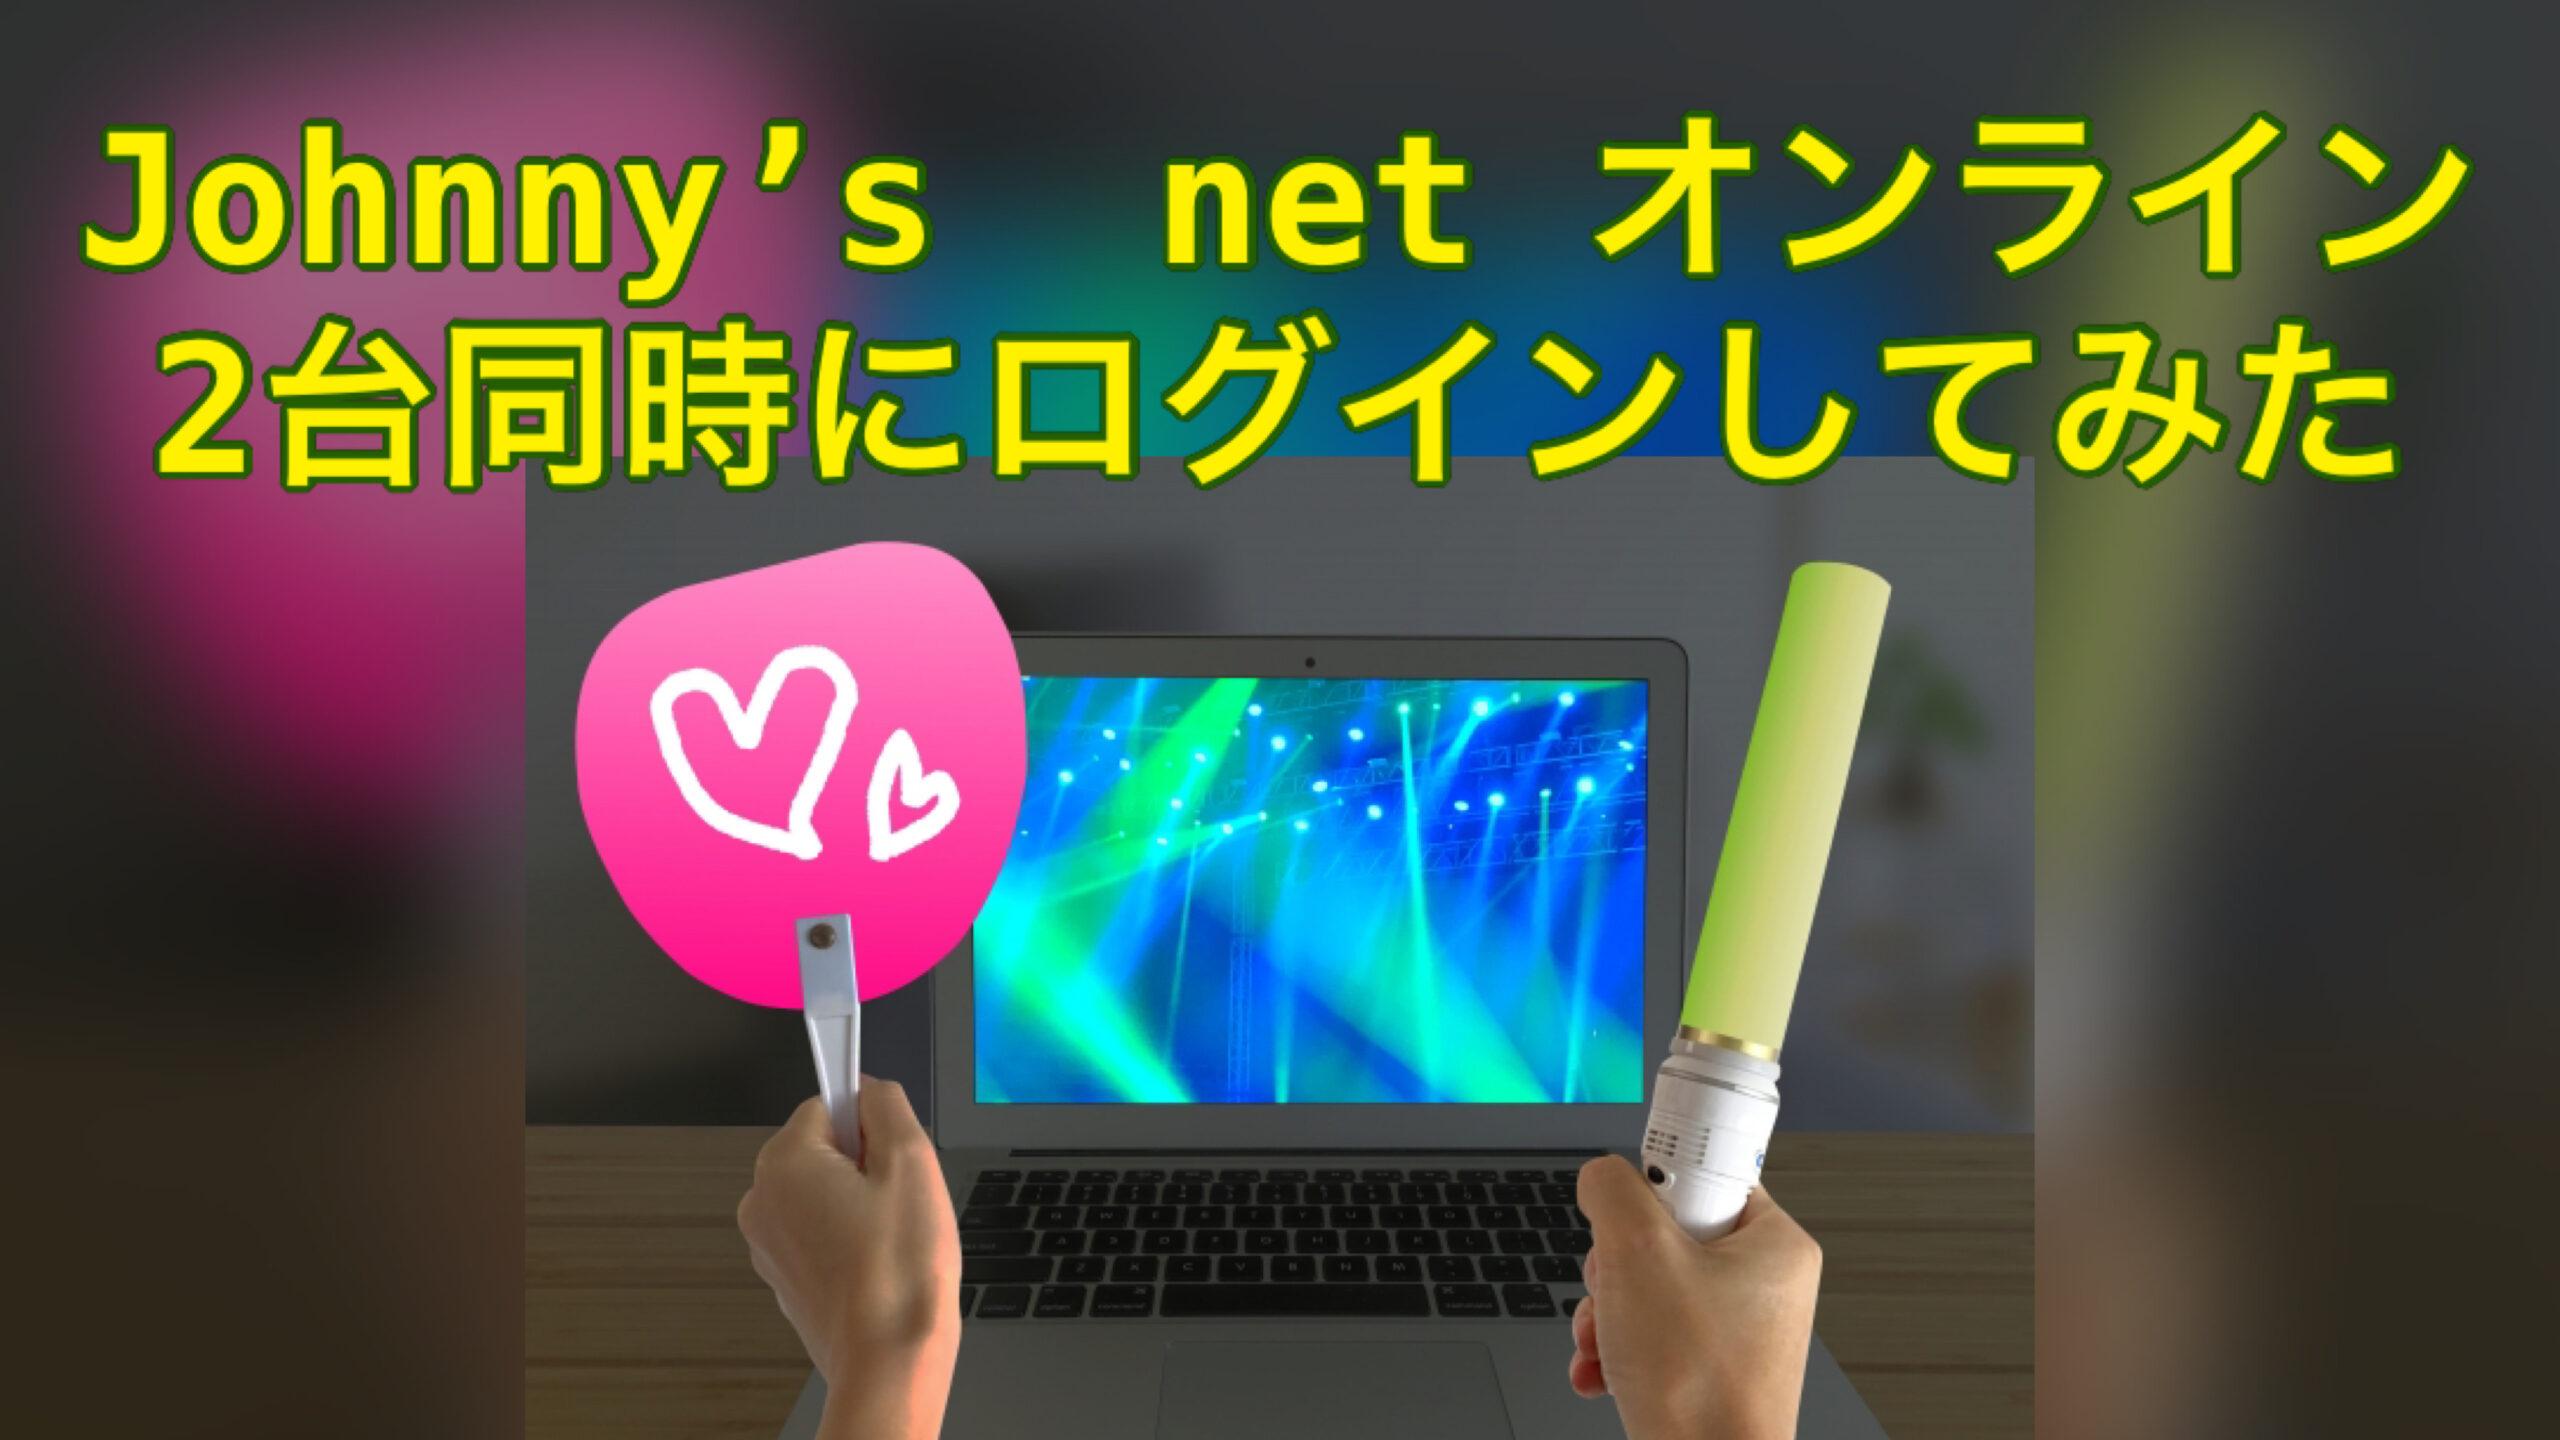 ジャニーズネットオンライン